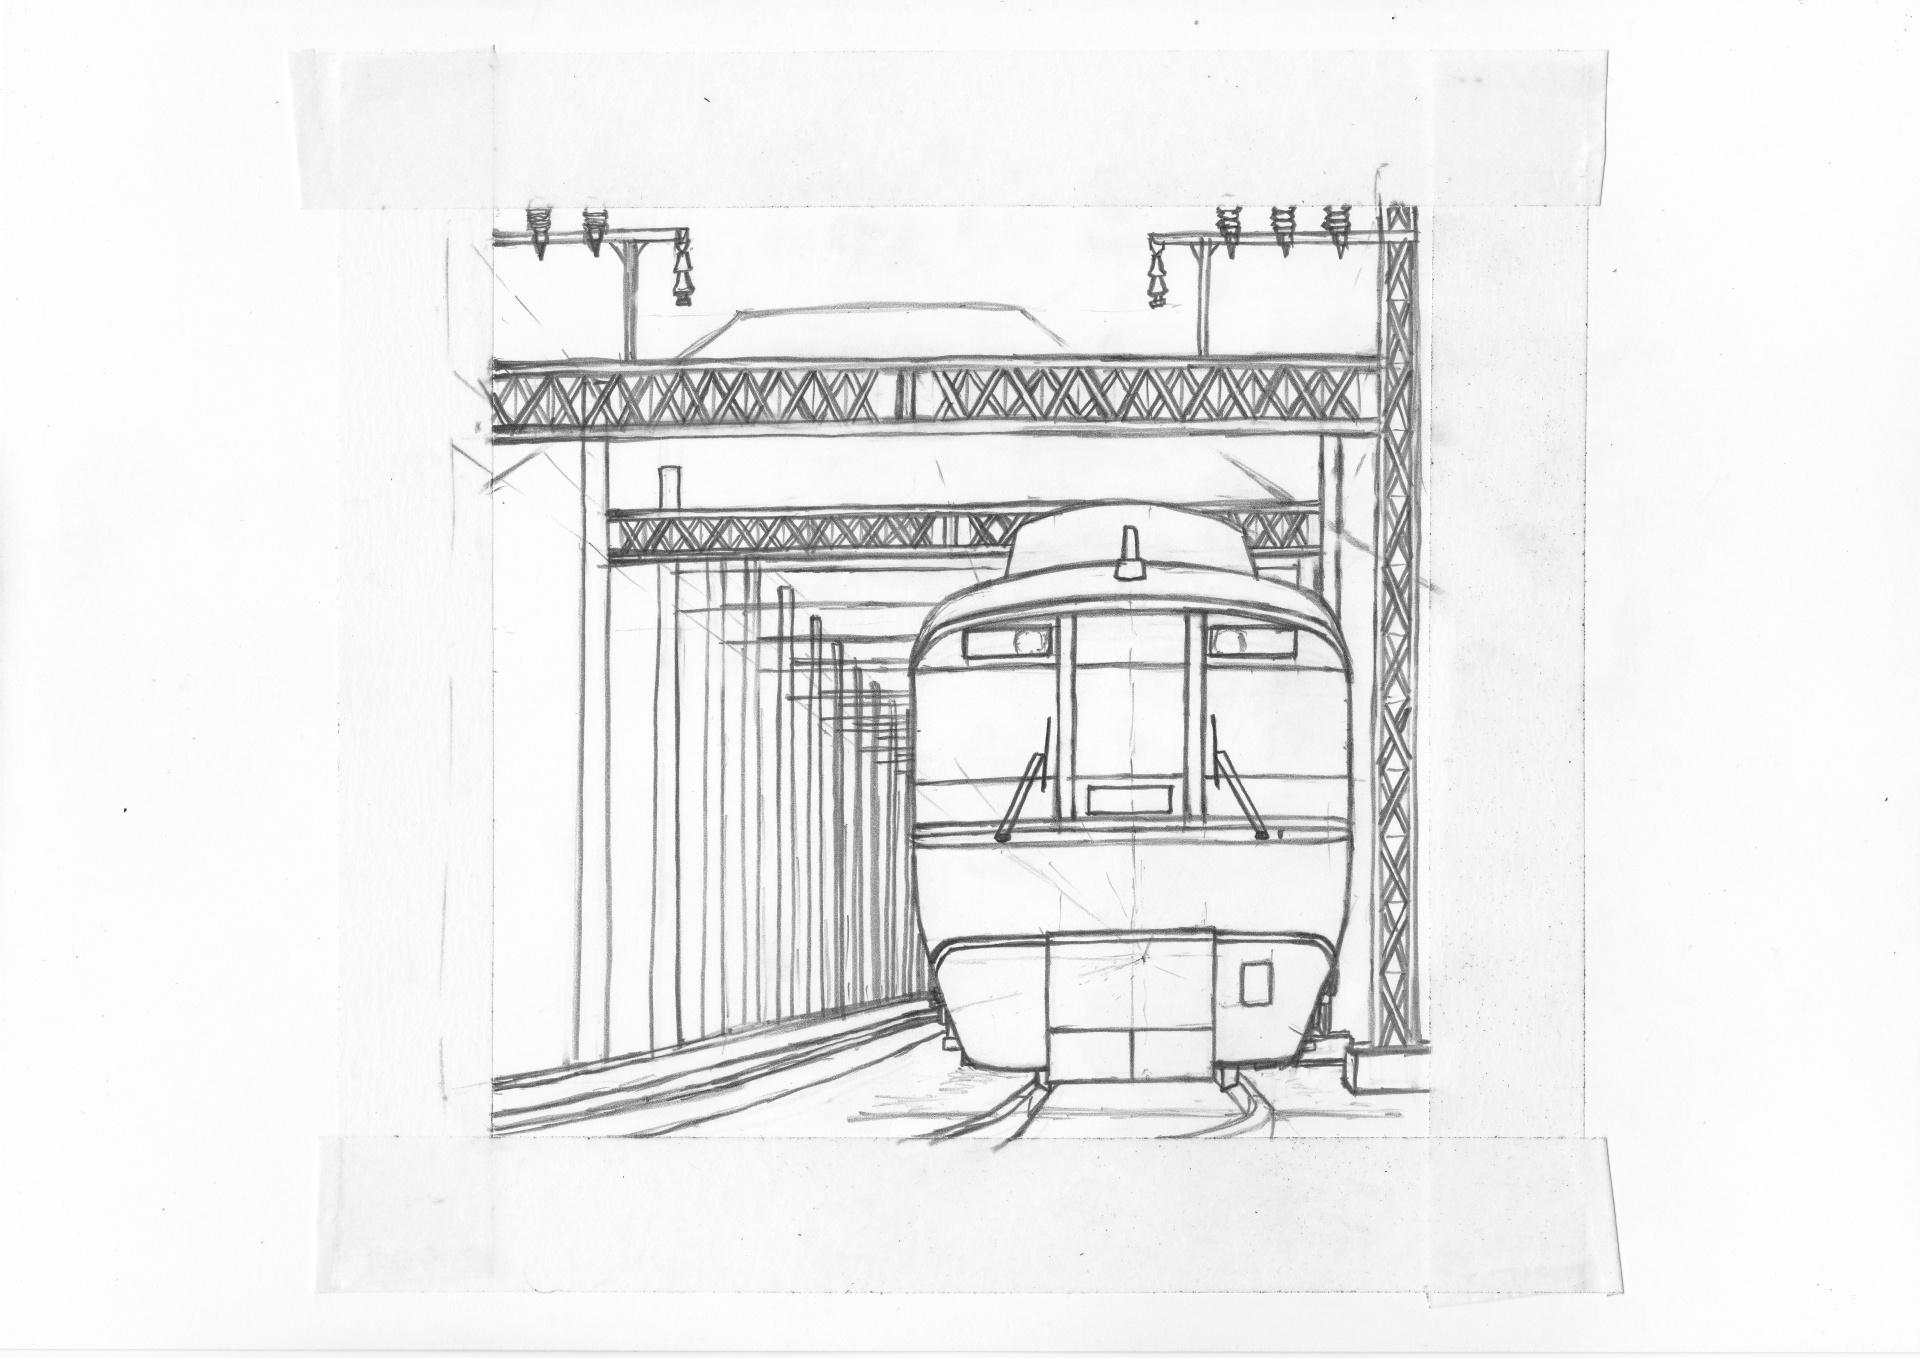 鉄道イラスト 描きかけ